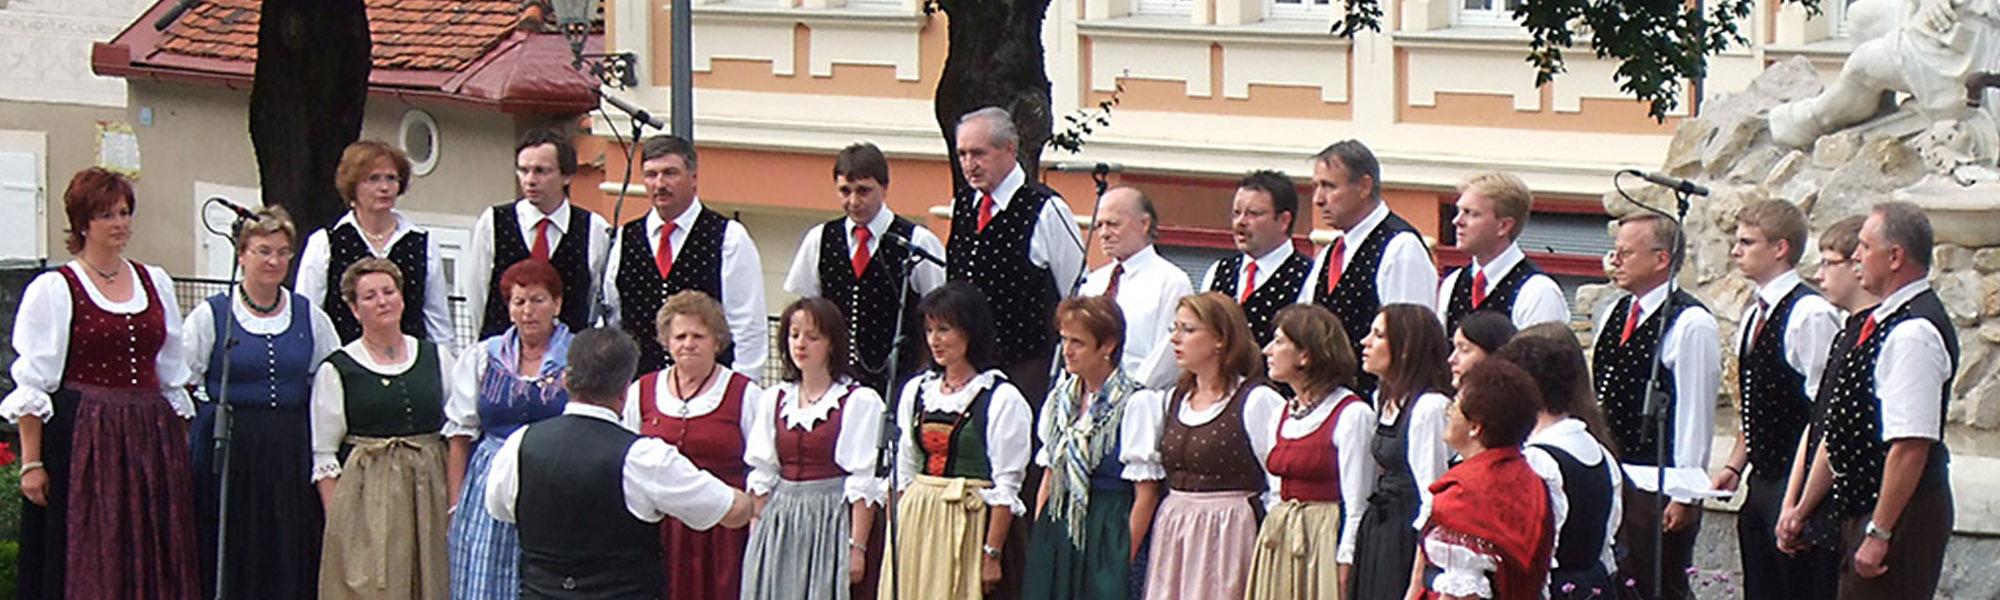 Mitsingen im gemischten Chor Althofen